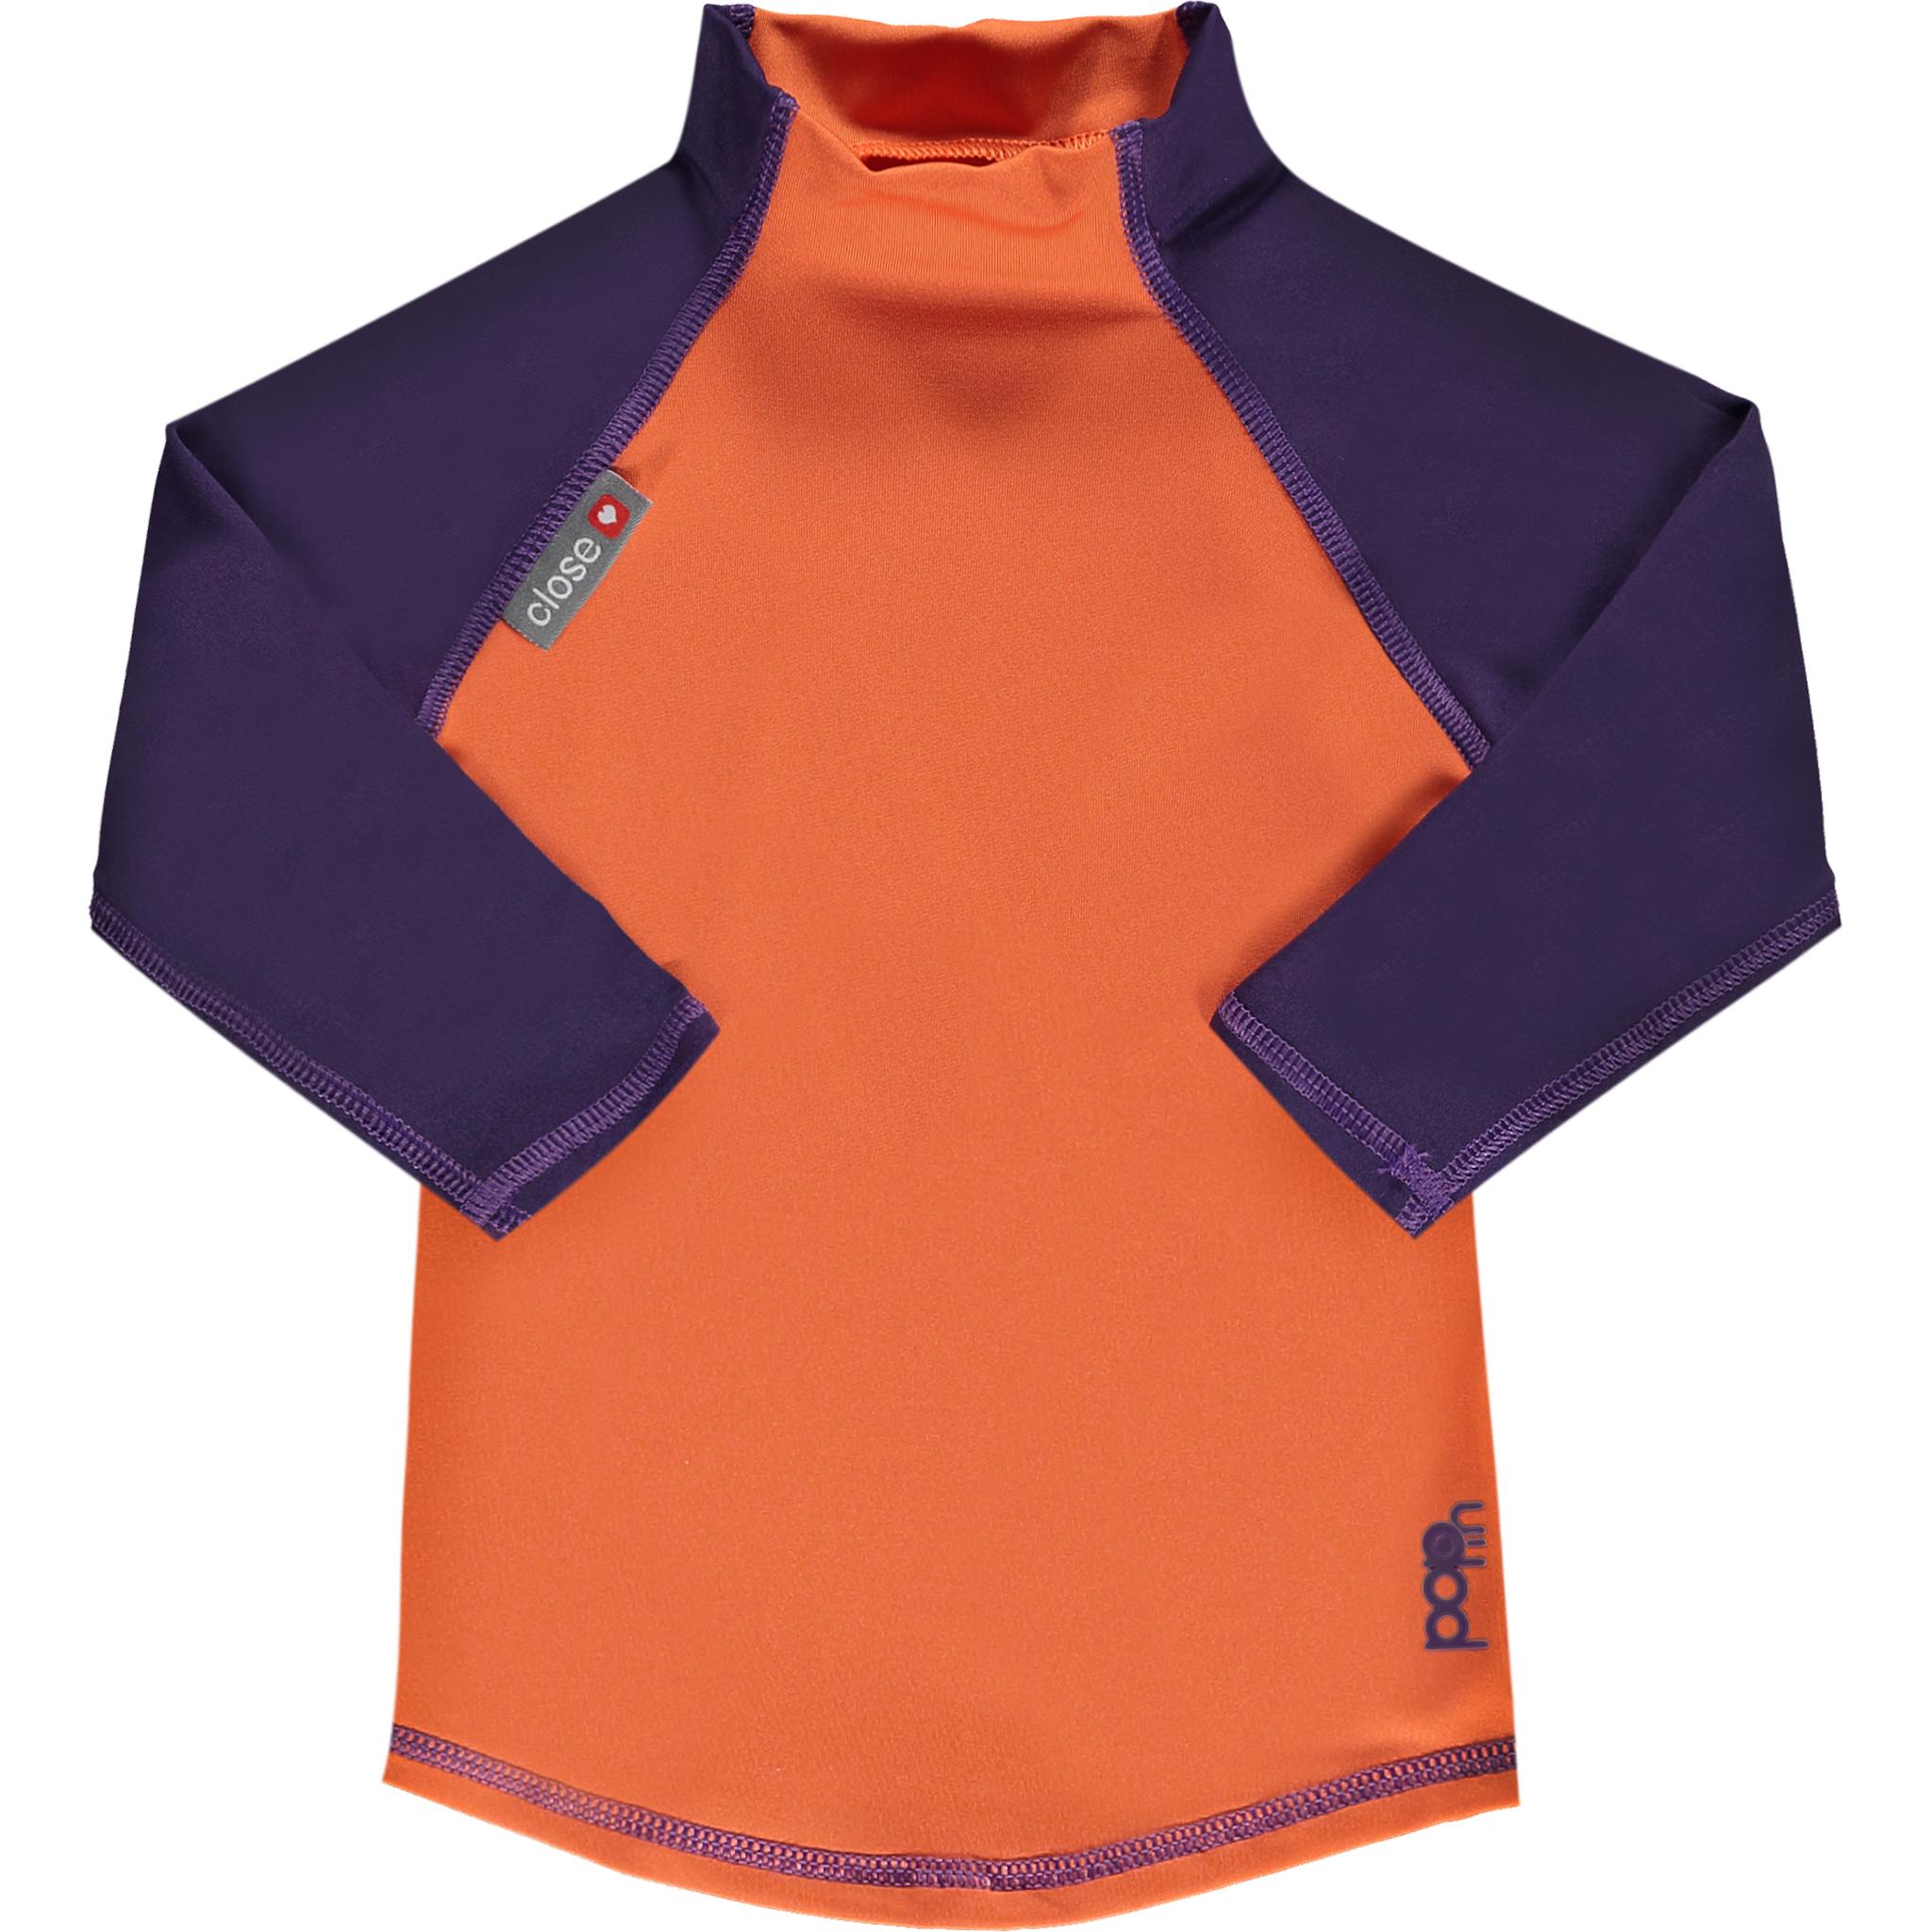 UV-Schutz Shirt 50+ mit langen Ärmeln, PopIn